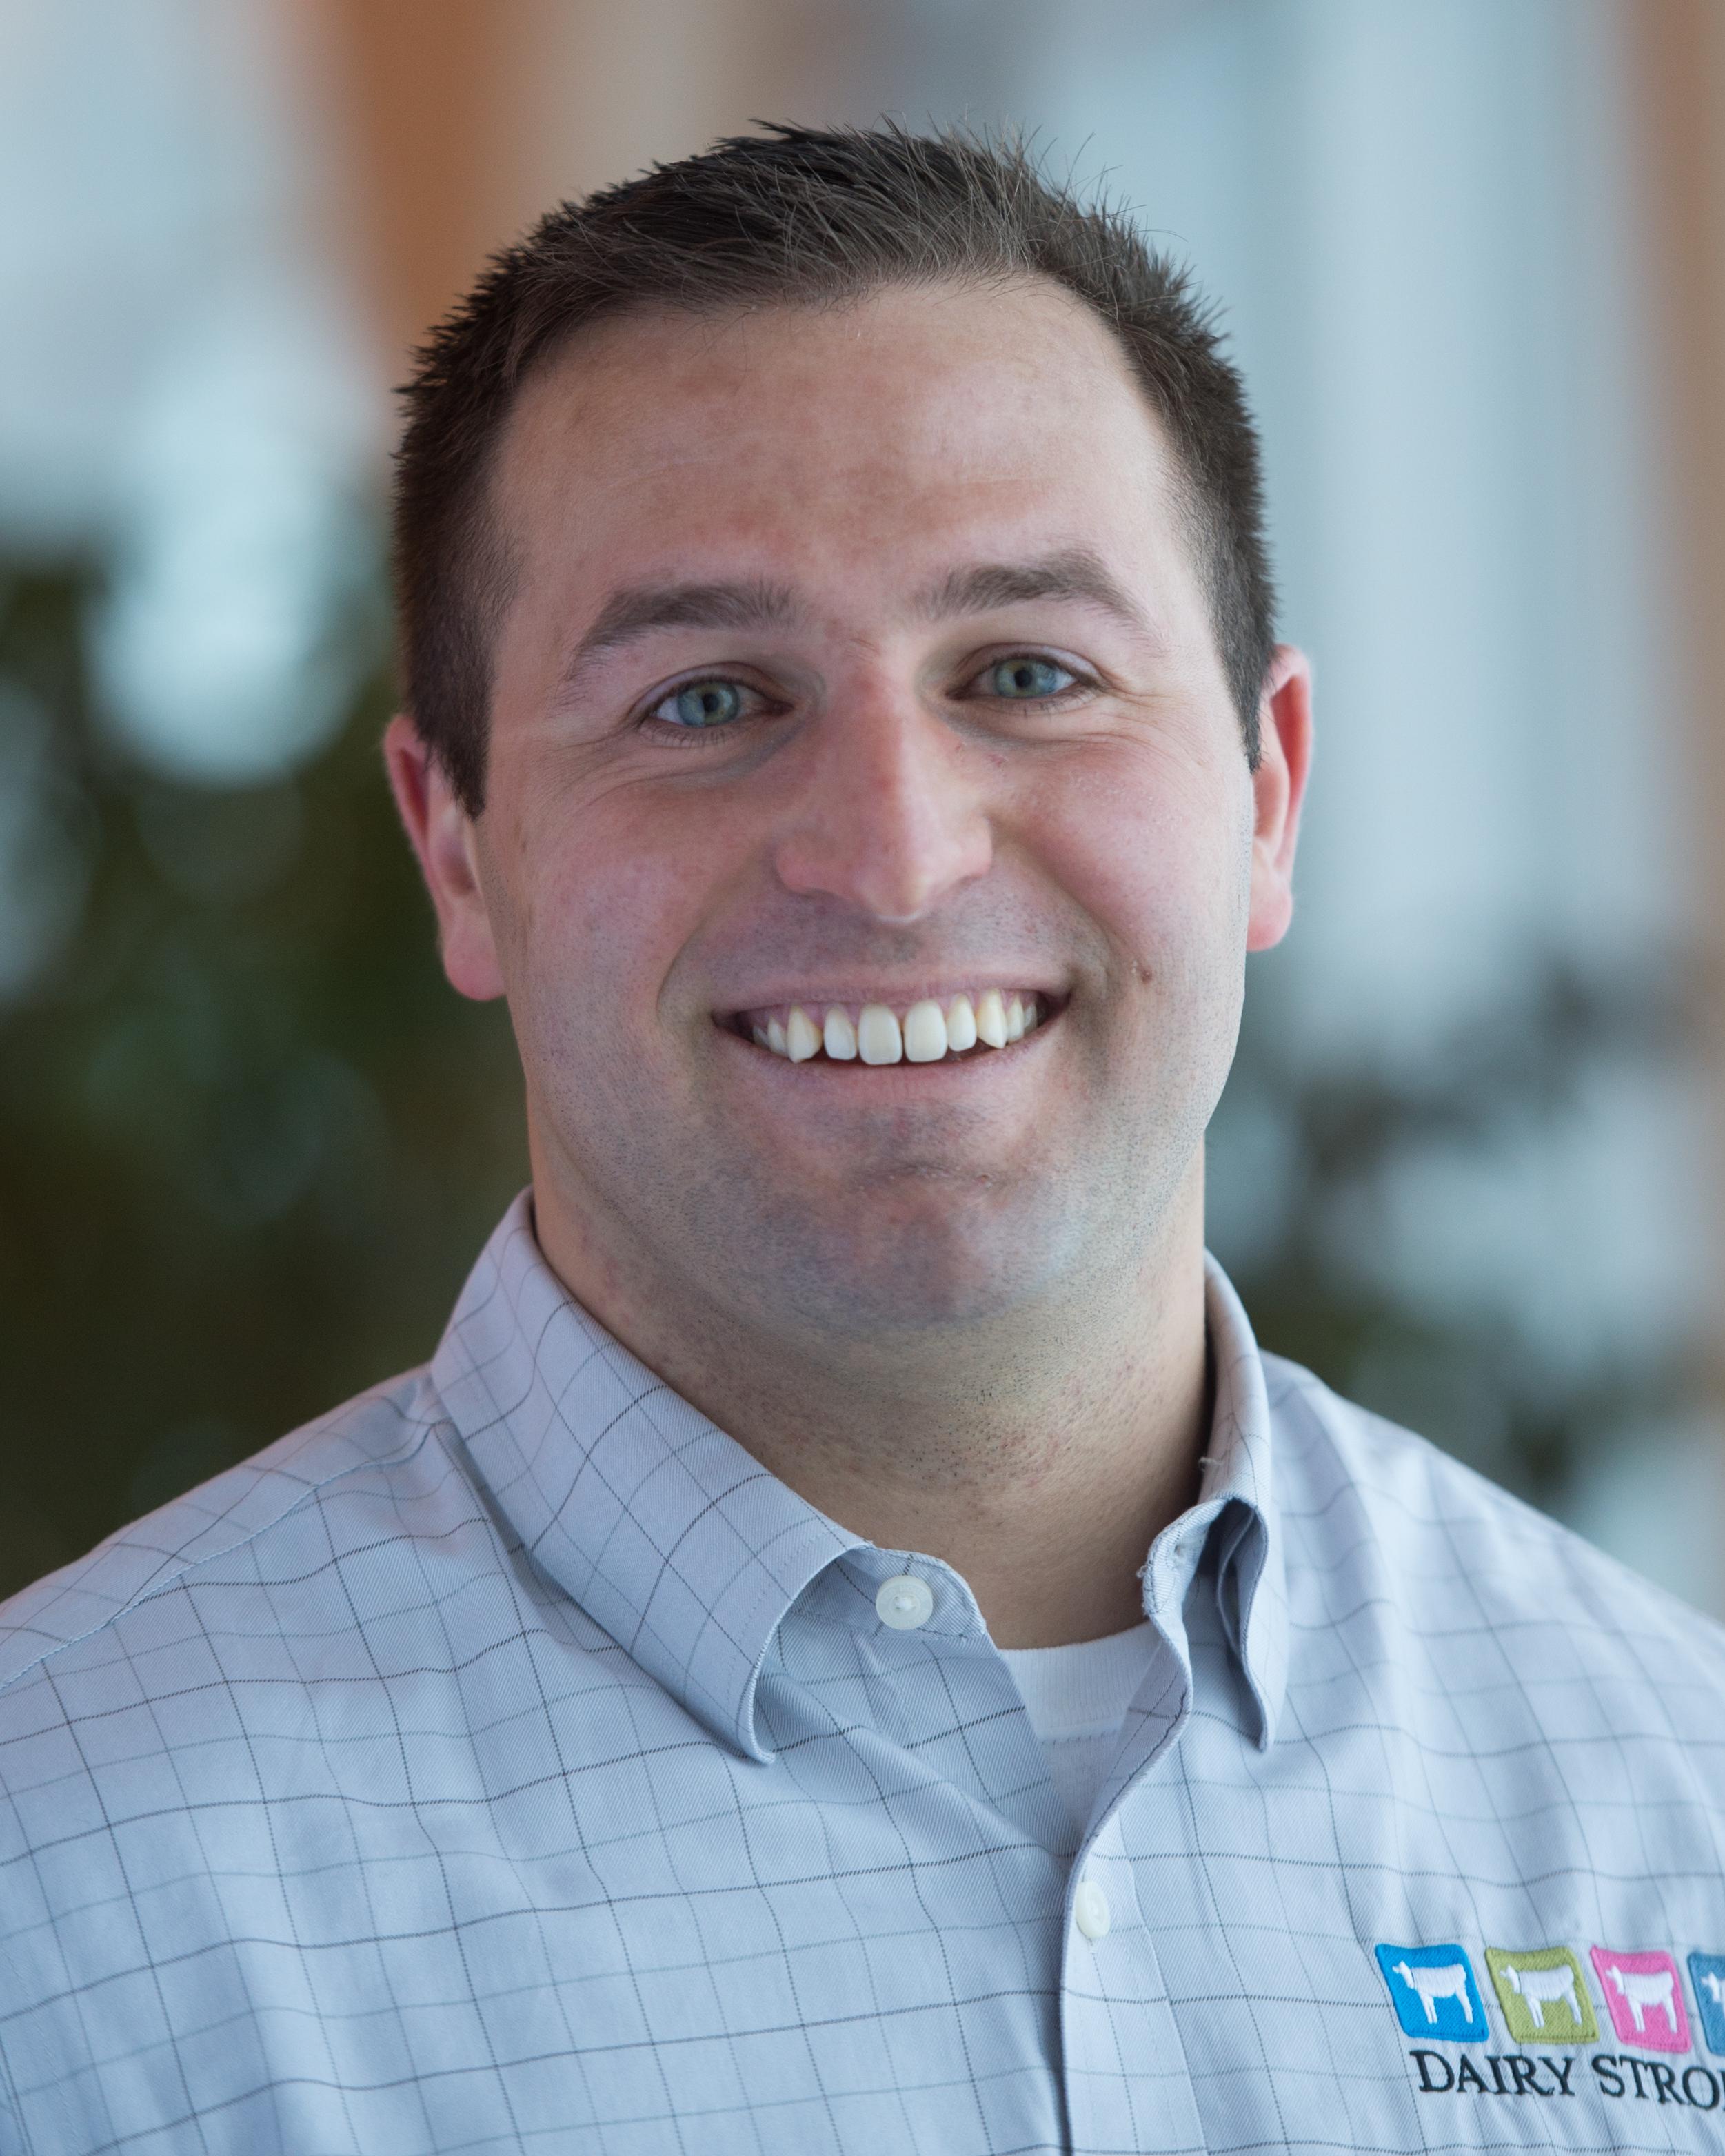 Aaron Stauffacher